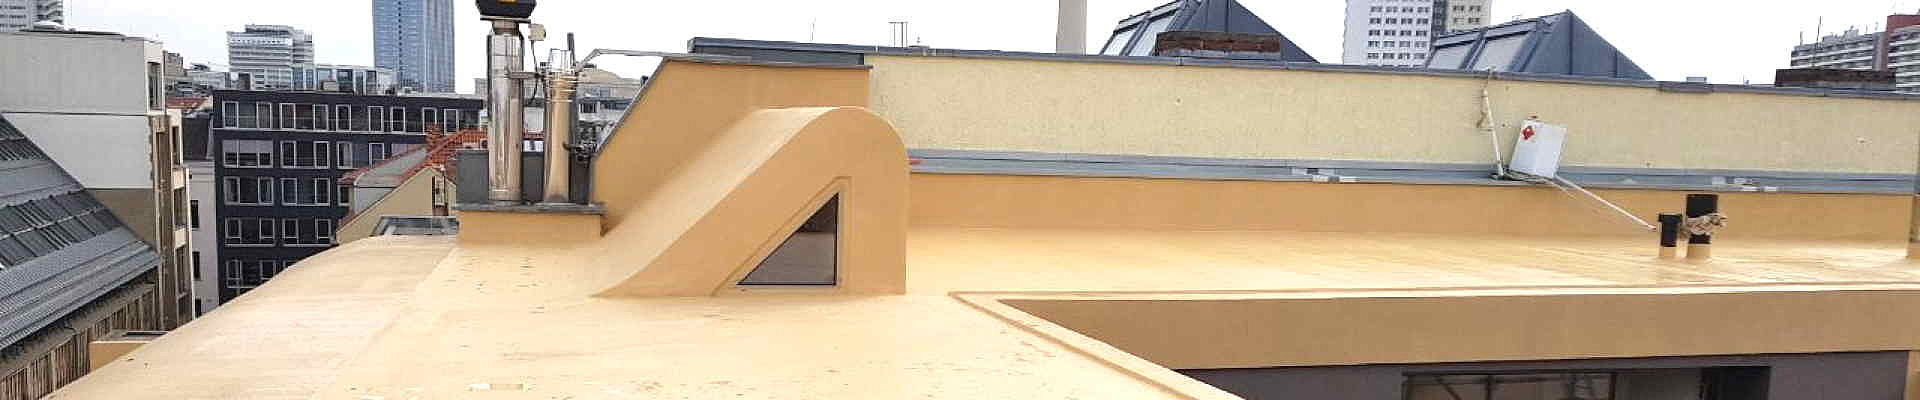 Flüssigkunststoffe zur Abdichtung von Flachdach und Parkhaus